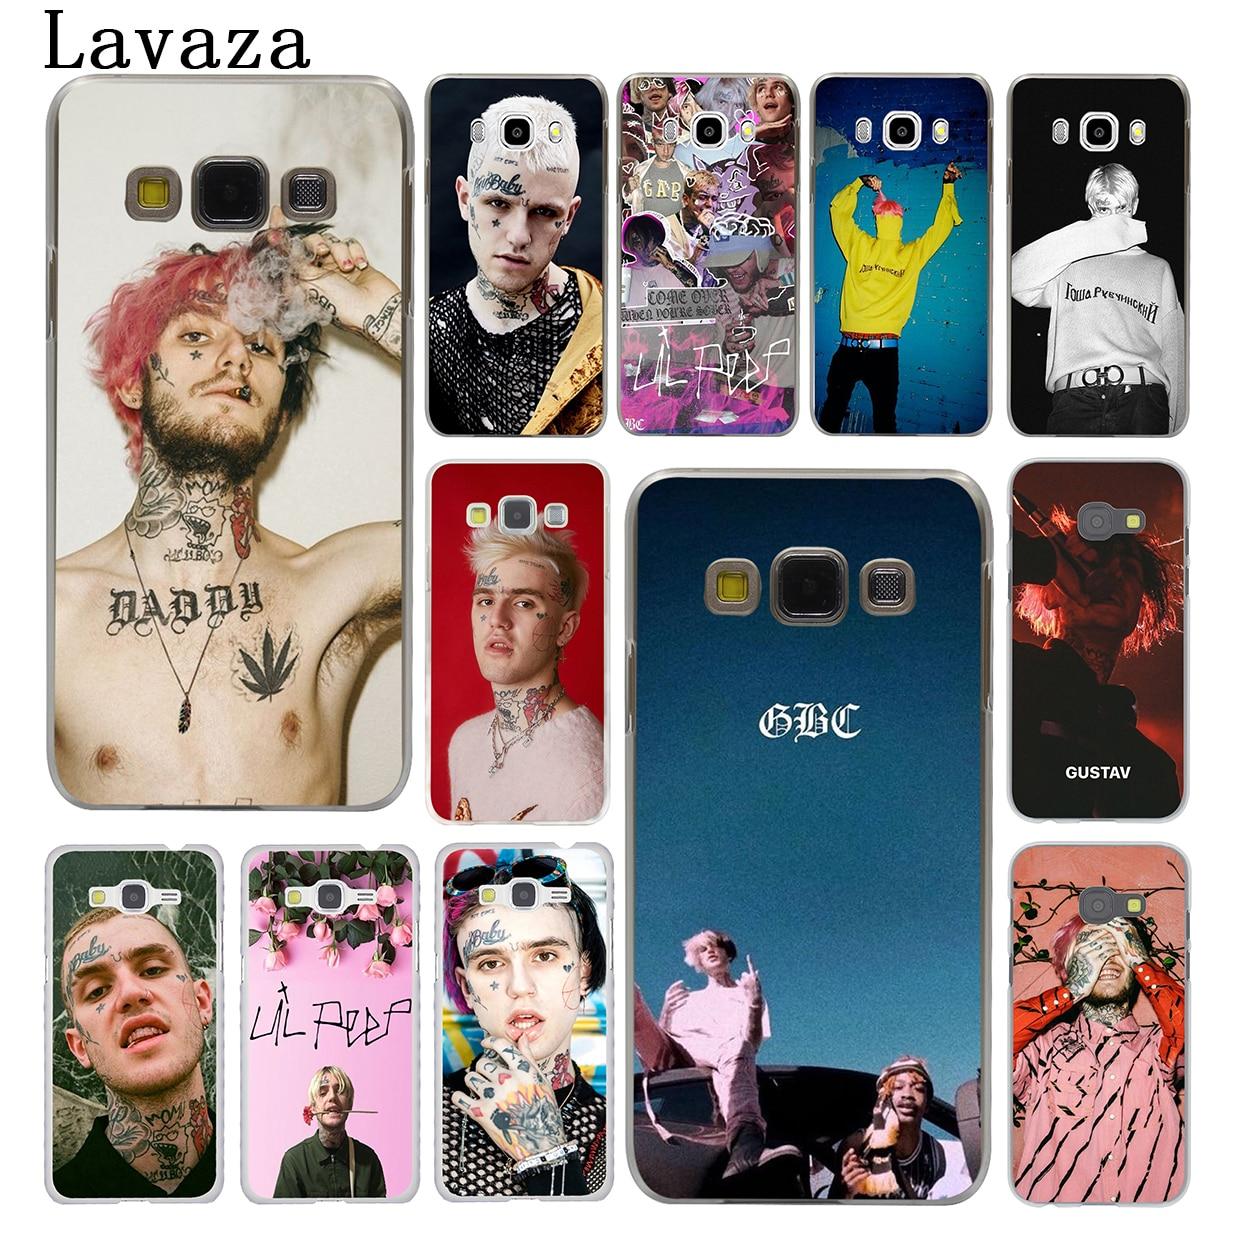 Lavaza Lil Peep Lil Bo Peep Hard Phone Shell Case for Samsung Galaxy J7 J1 J2 J3 J5 2015 2016 2017 Prime Pro Ace 2018 Cover